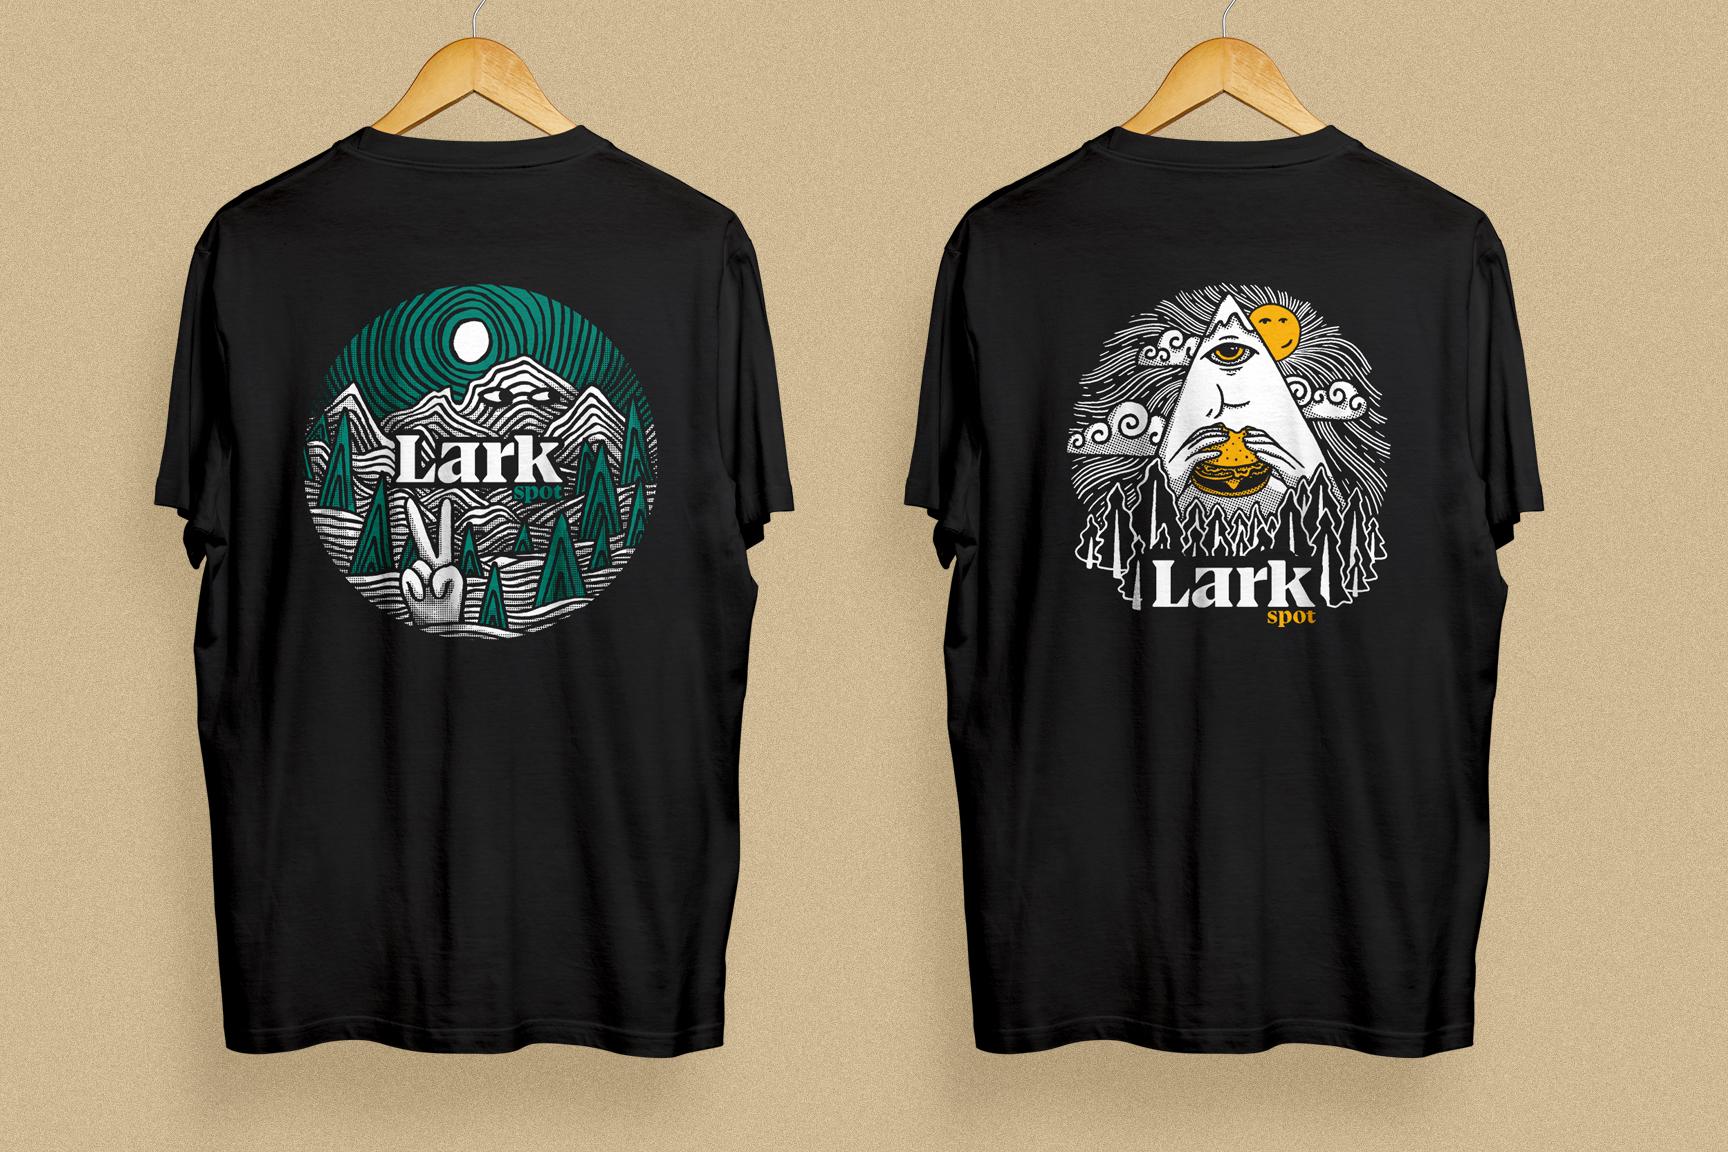 Lark Spot